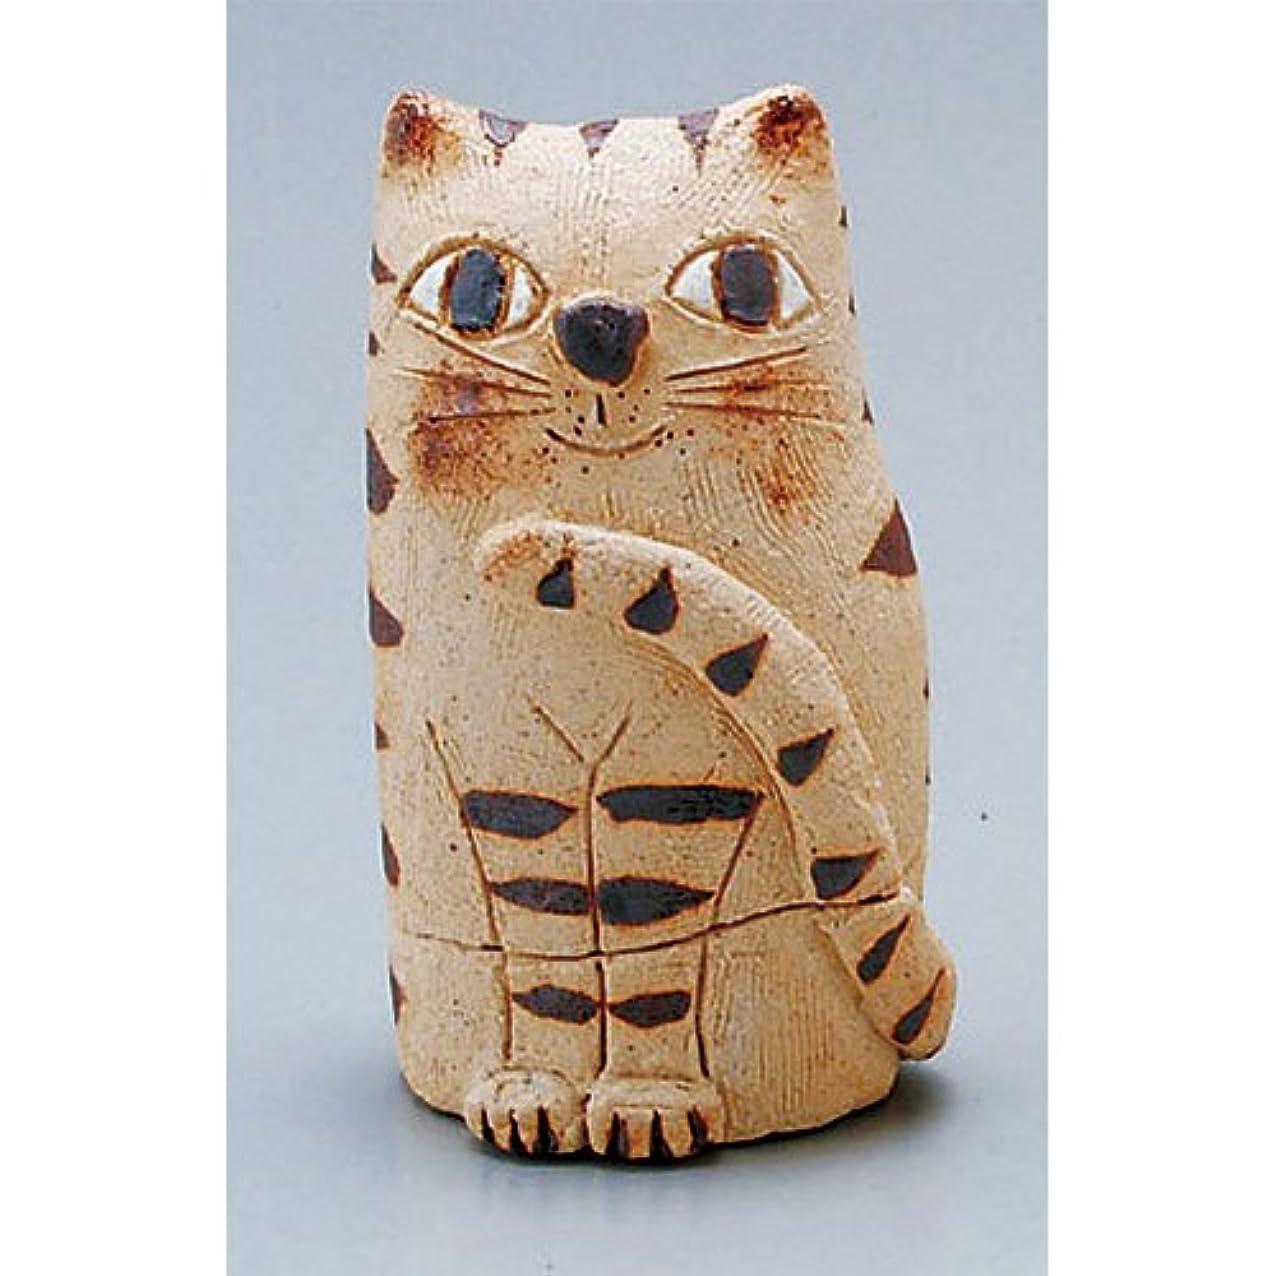 祭り社会主義故国香炉 蔵猫 香炉(小) [H11cm] HANDMADE プレゼント ギフト 和食器 かわいい インテリア